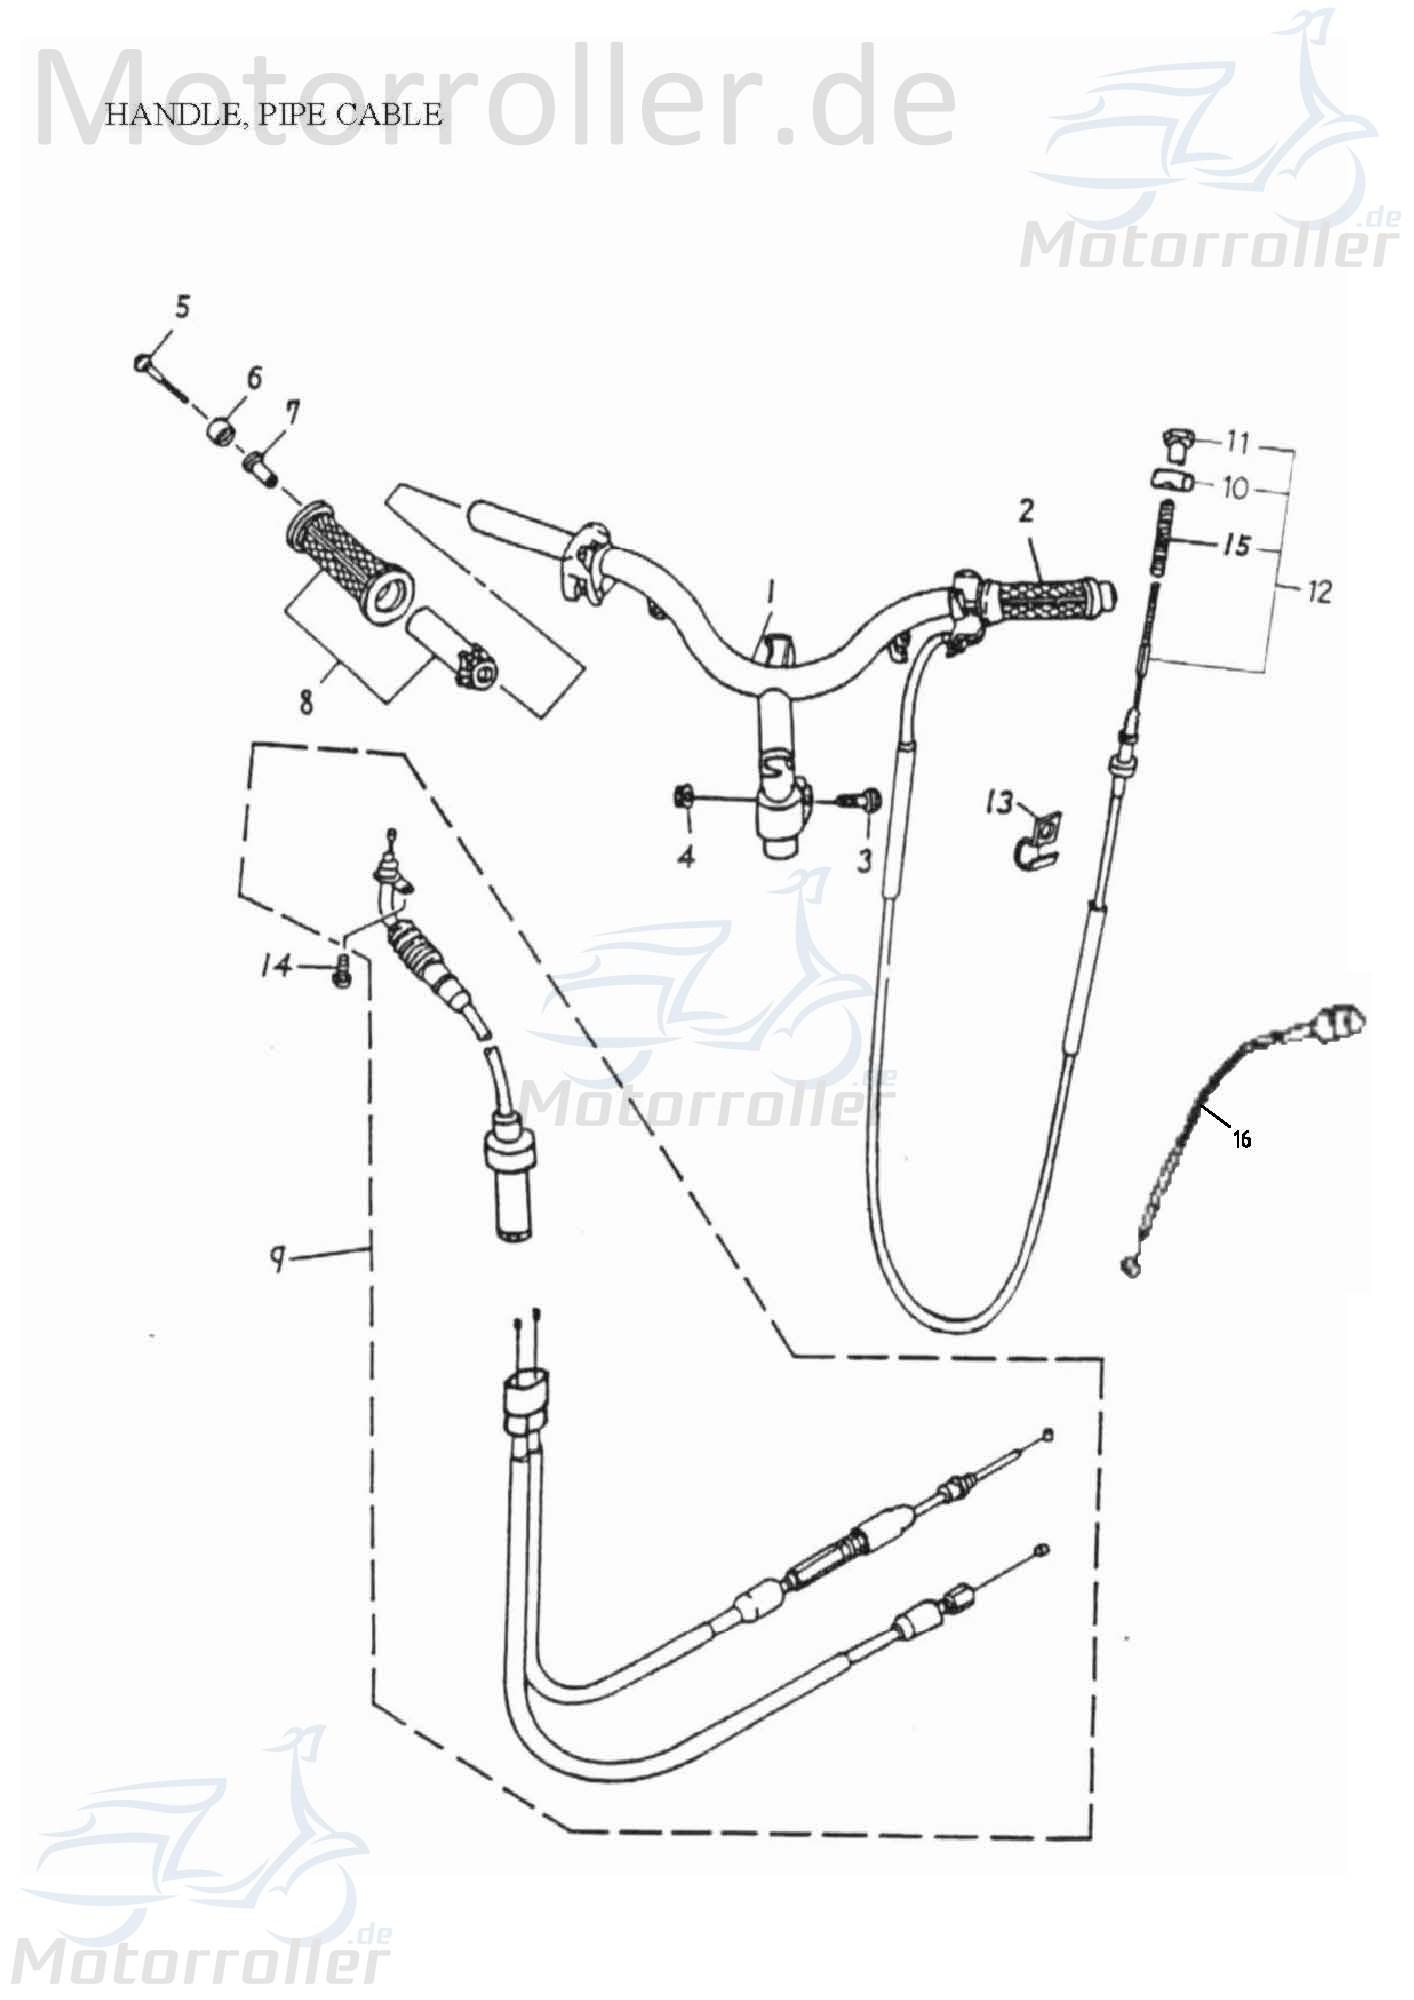 Chokezug ABR-17950-116-001